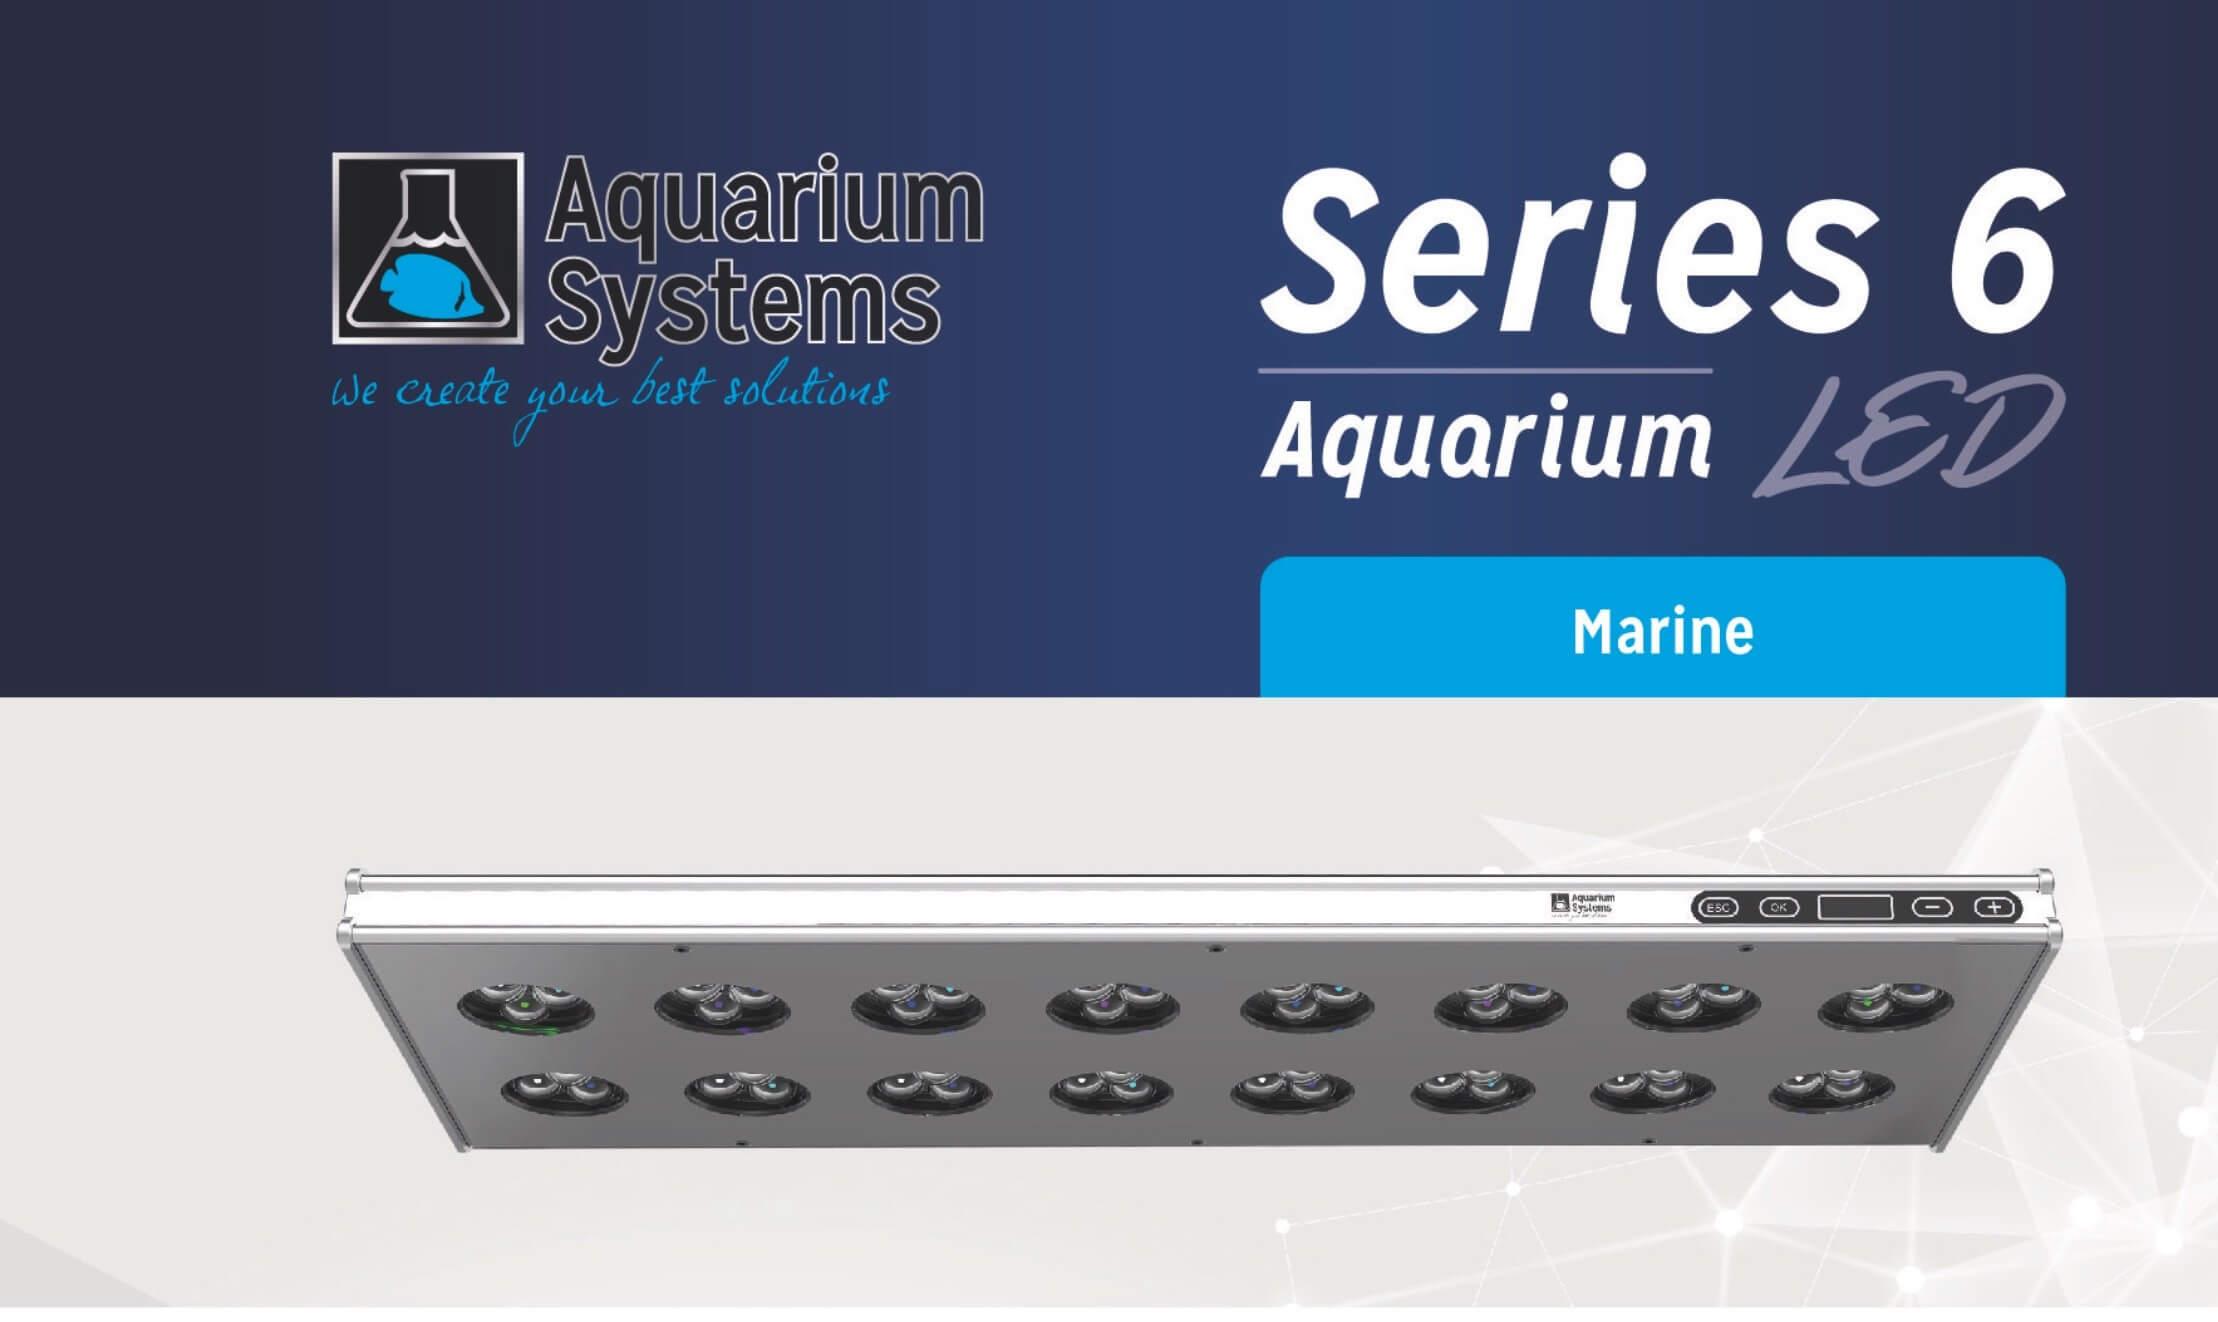 AQUARIUM SYSTEMS SERIES 6